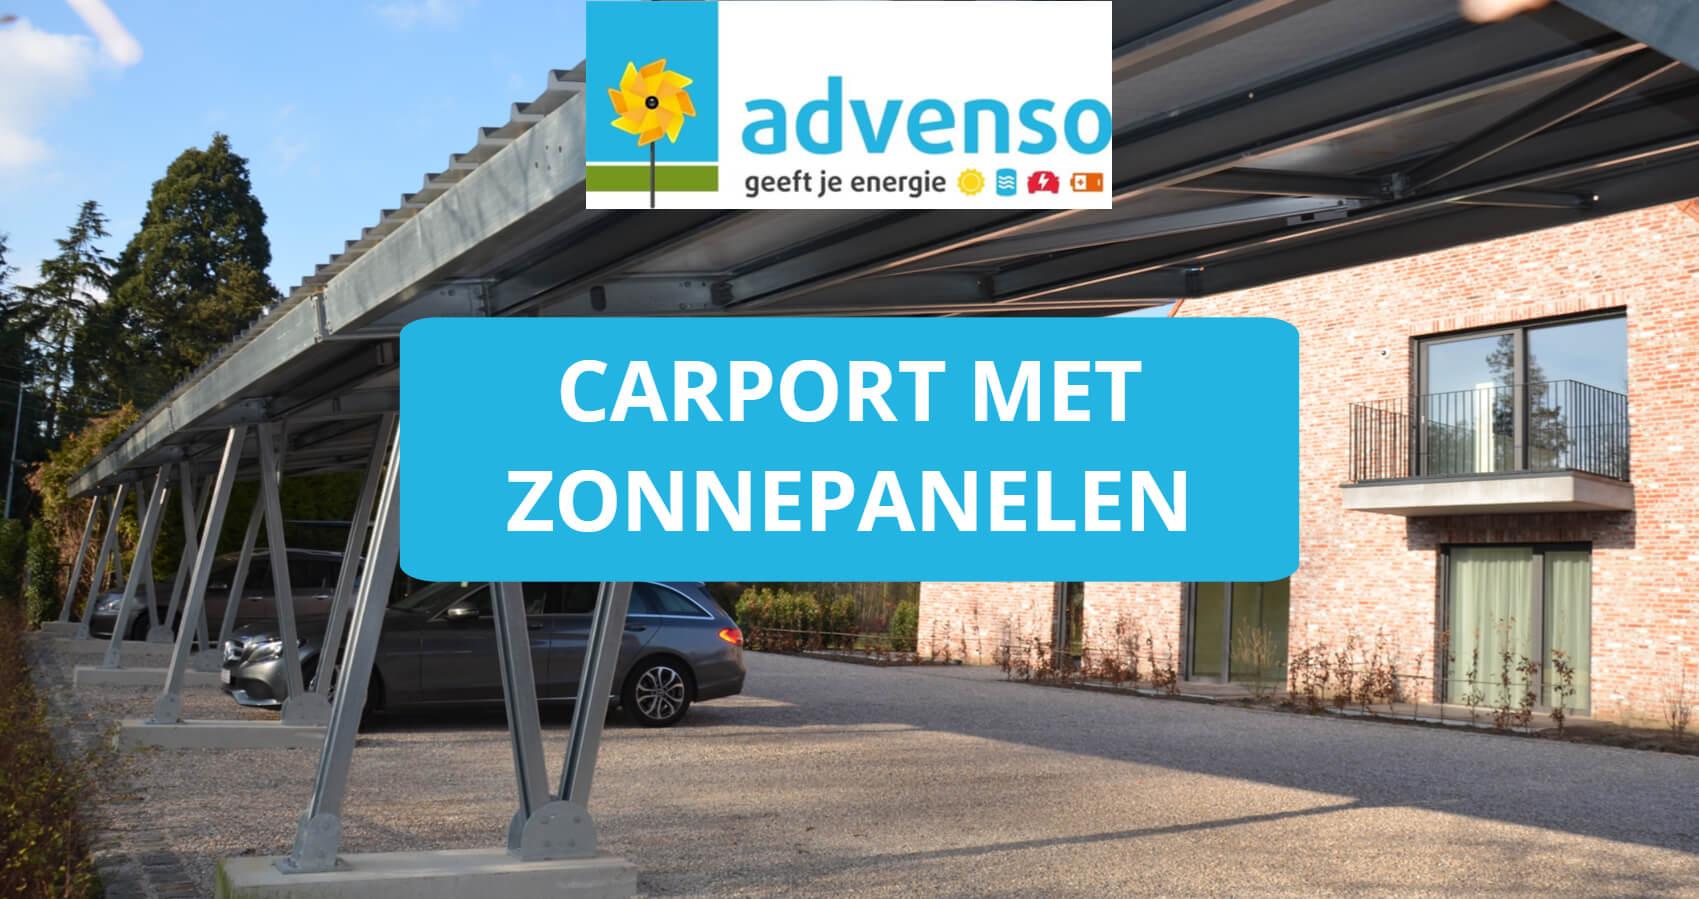 Zonnepanelen op carport plaatsen